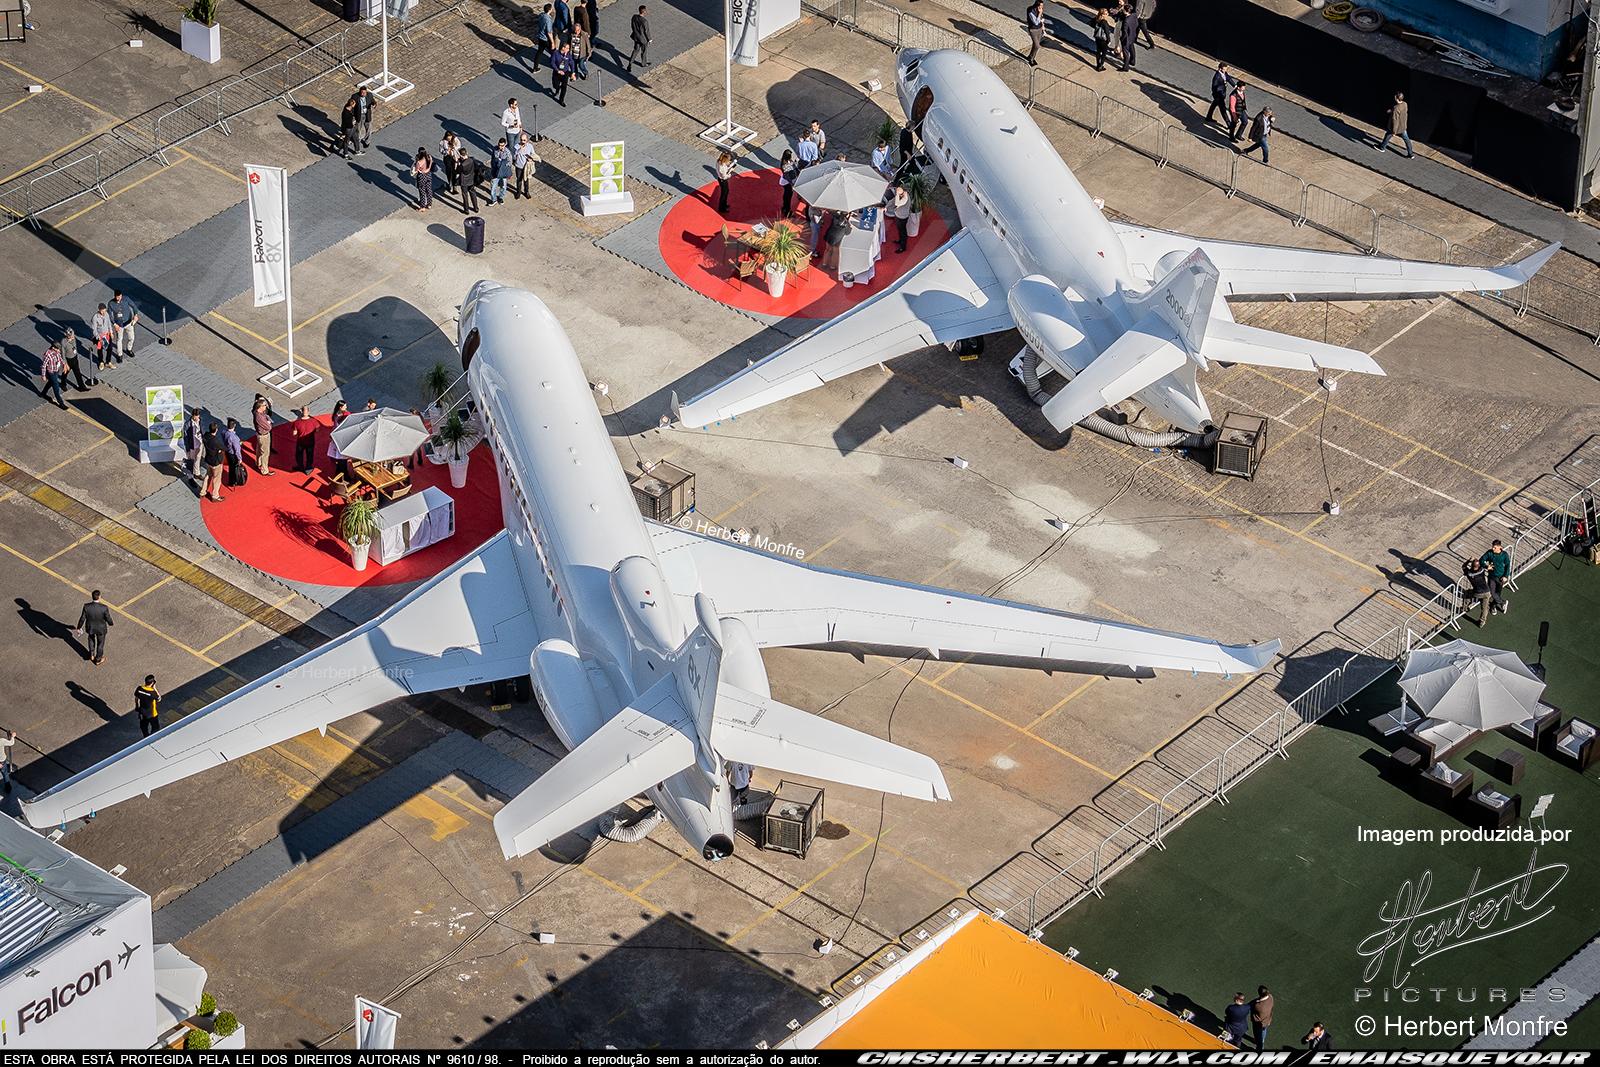 Falcon 8X | N8X | Foto © Herbert Monfre - Contrate o fotógrafo em cmsherbert@hotmail.com | by É MAIS QUE VOAR | LABACE 2019